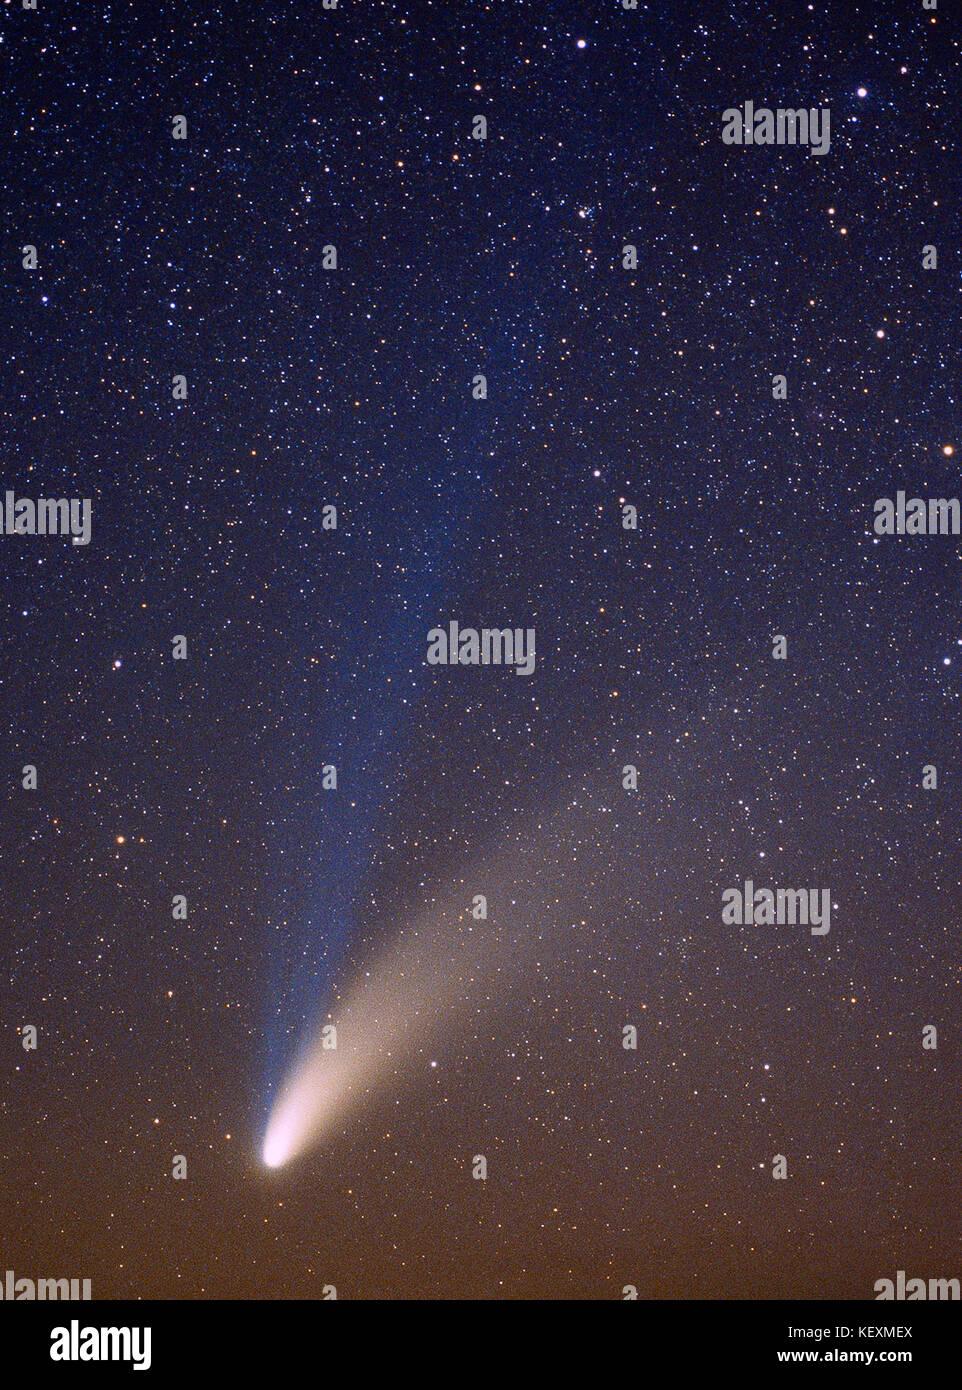 El espacio y la astronomía. Cometa hale-BOPP. 1997. Imagen De Stock